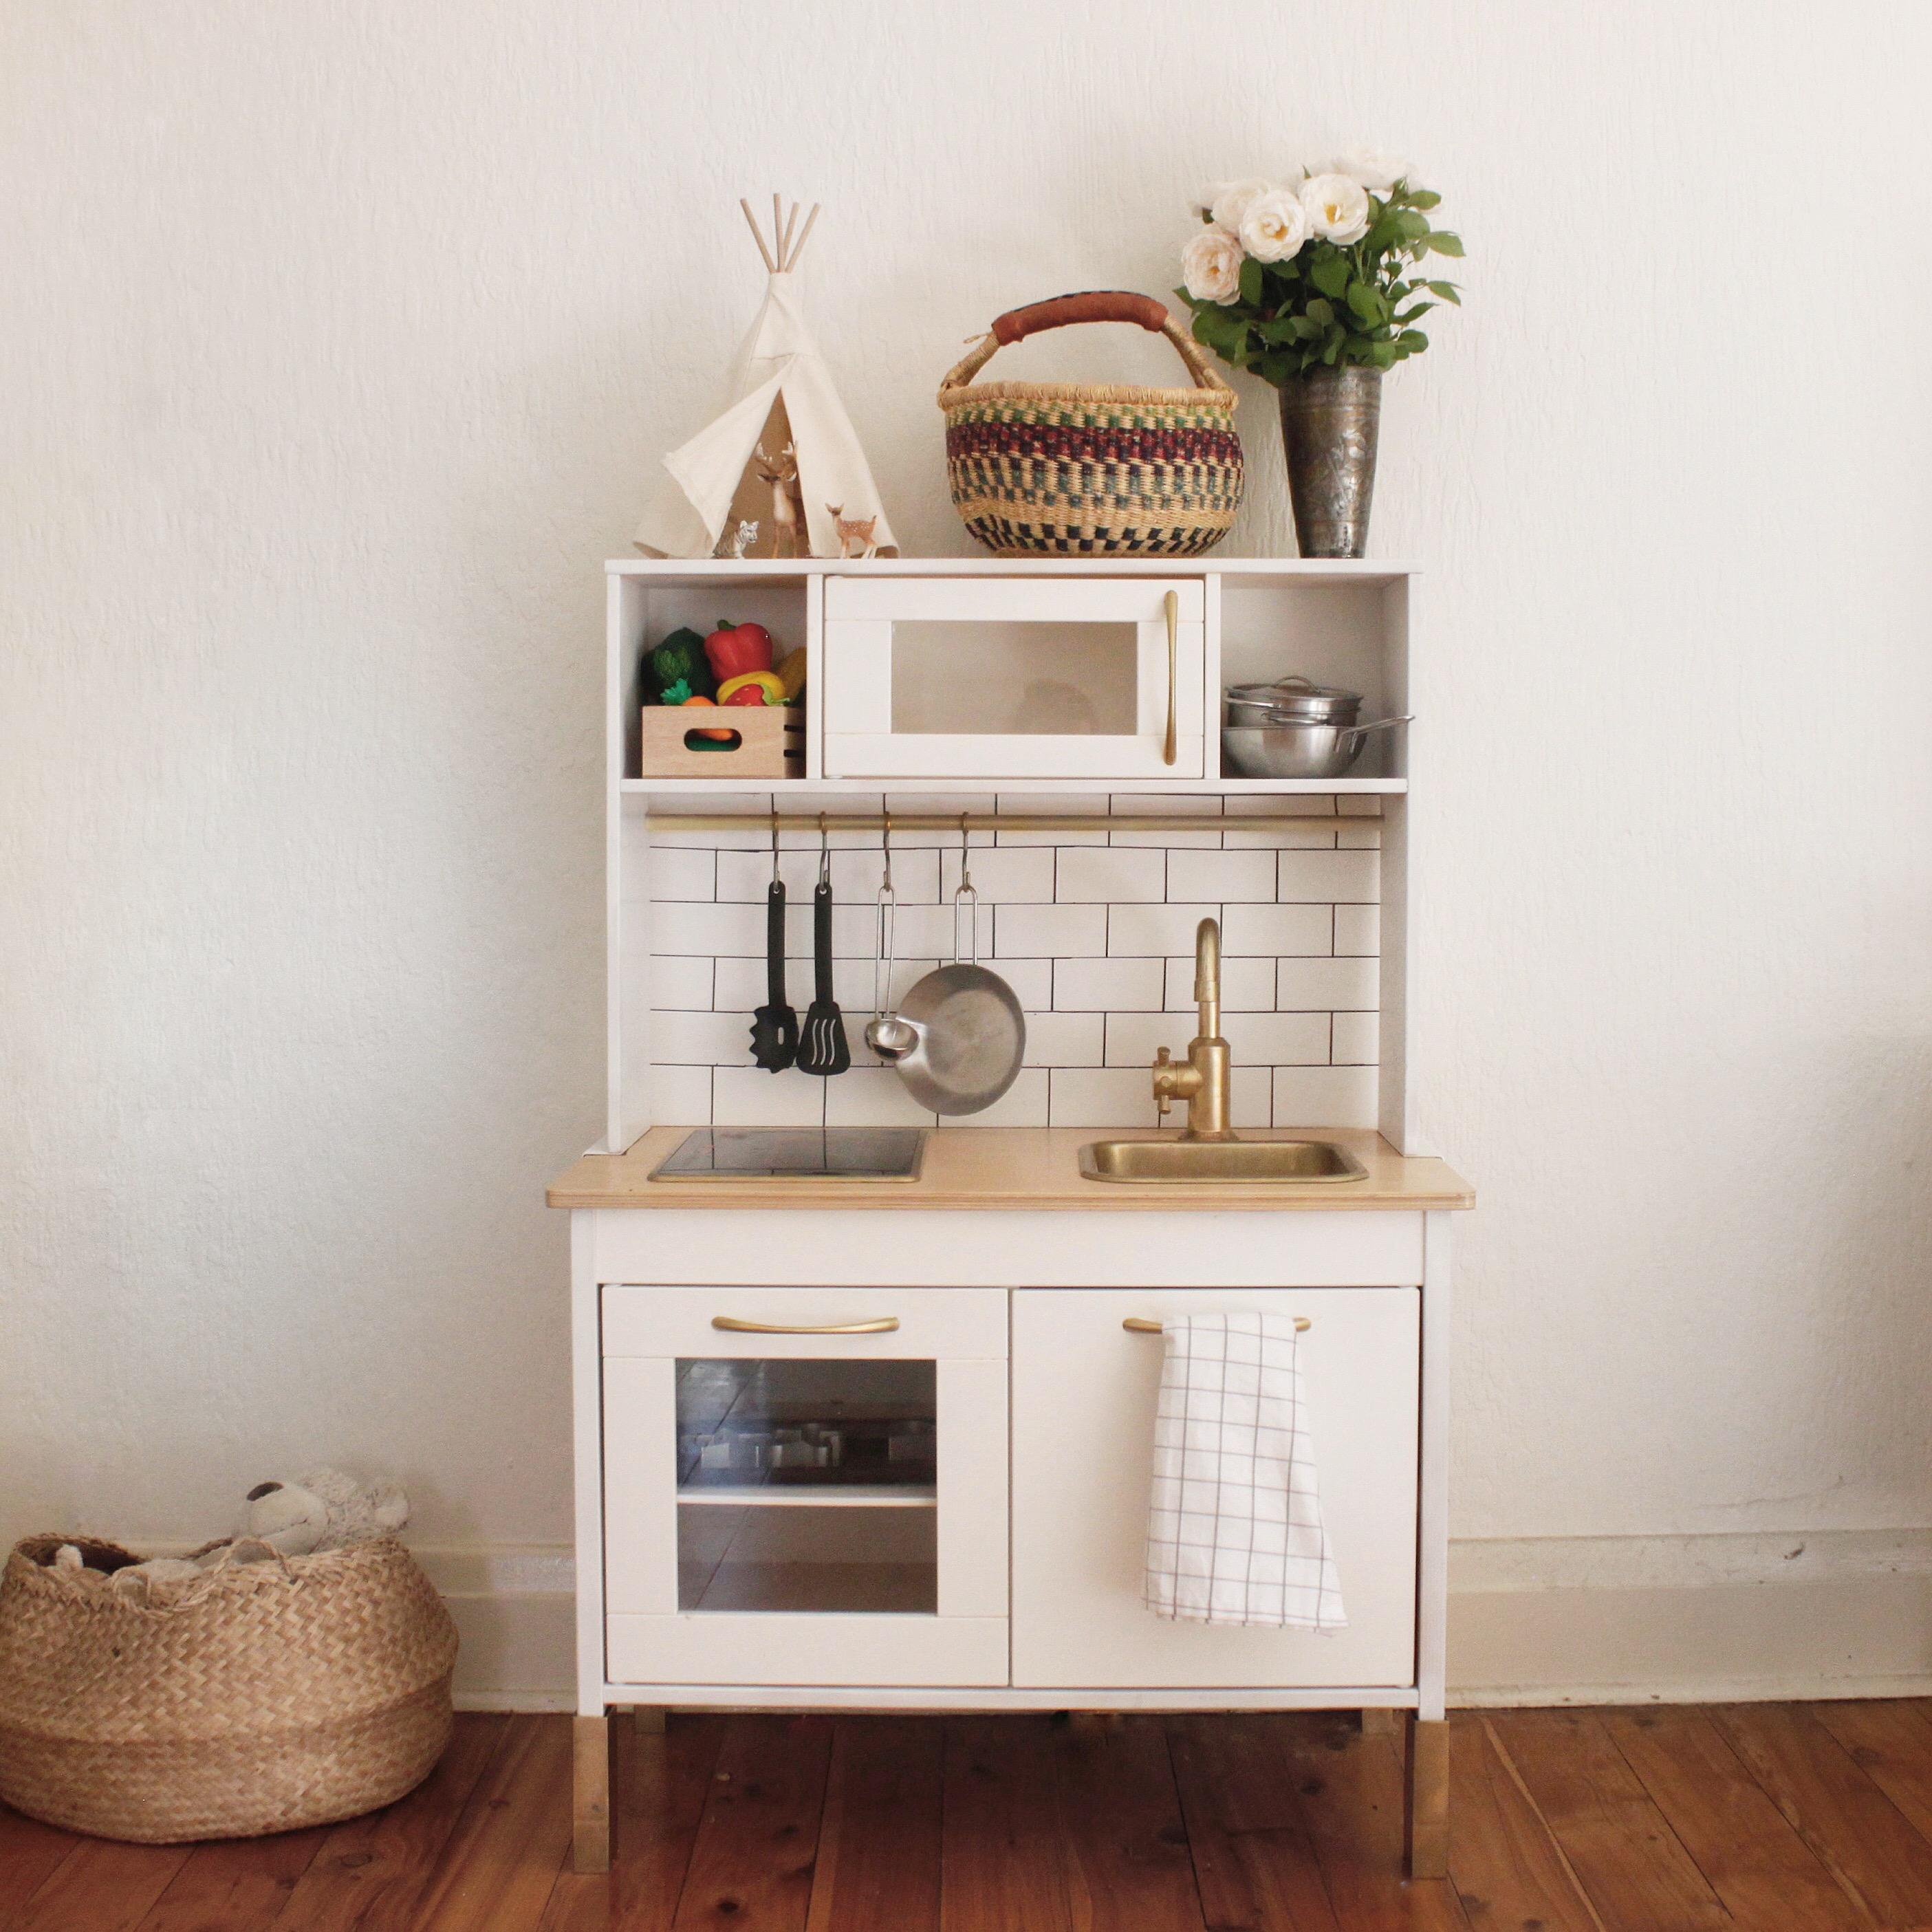 ikea hack play kitchen. Black Bedroom Furniture Sets. Home Design Ideas